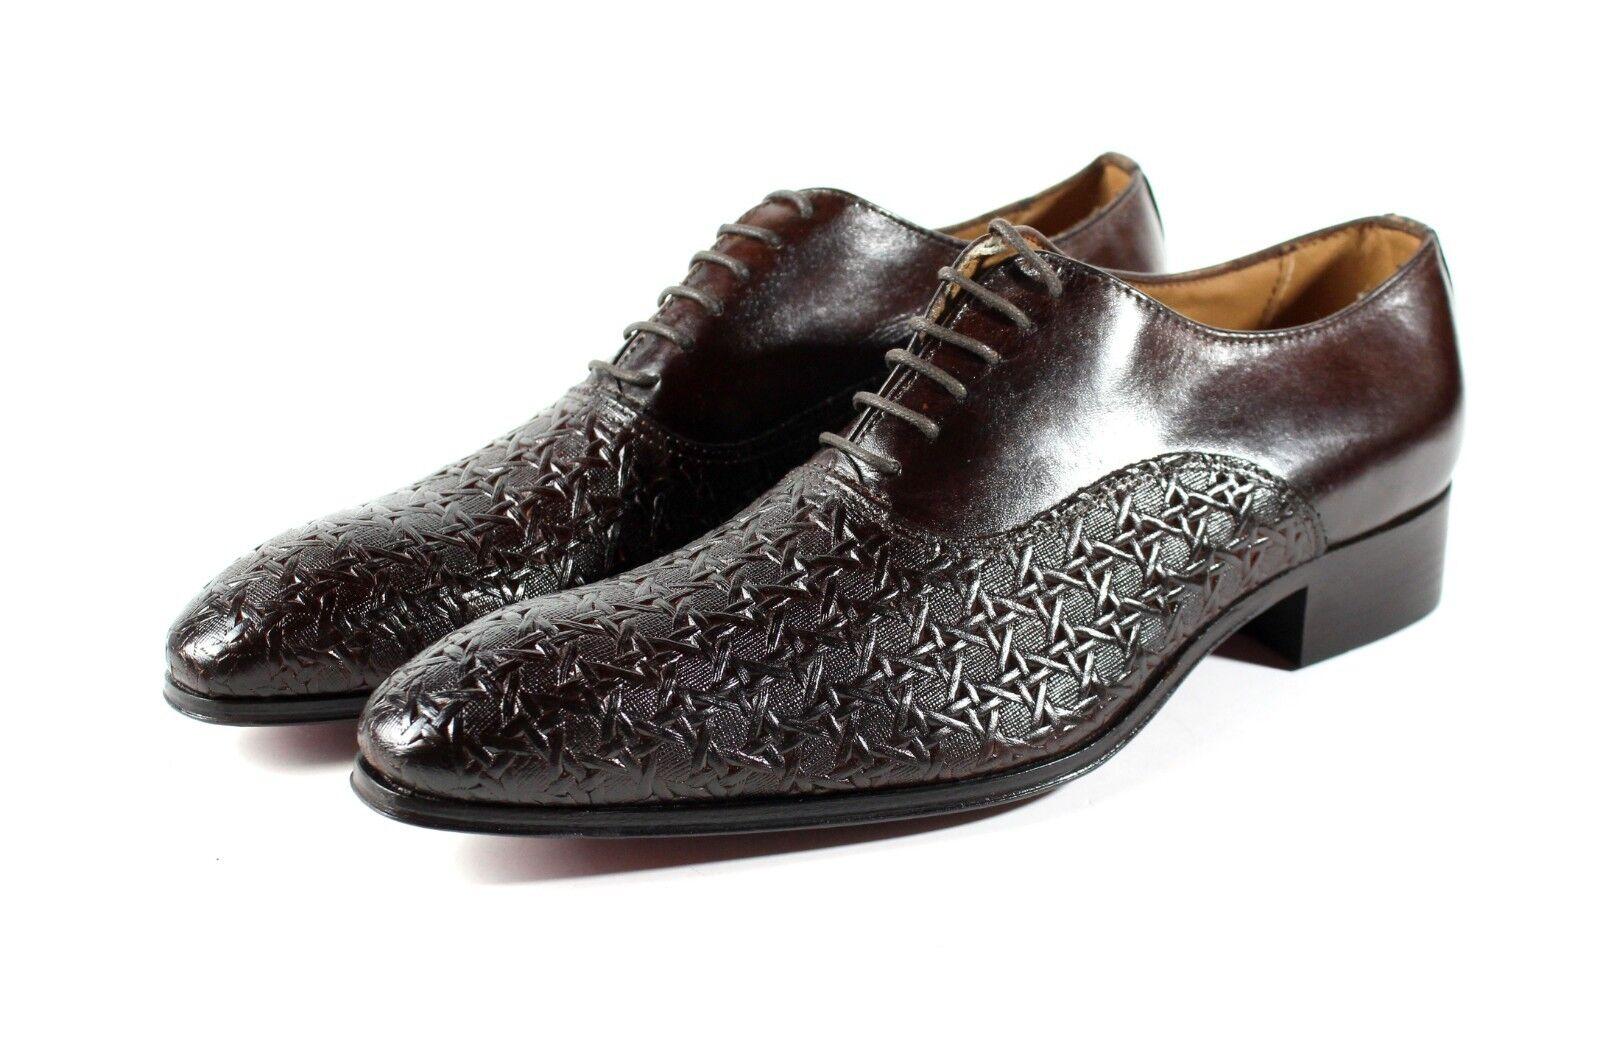 Ivan Troy Marrón Cuero Italiano Alou hecho a mano de vestir Zapatos Zapatos Oxford De Oficina